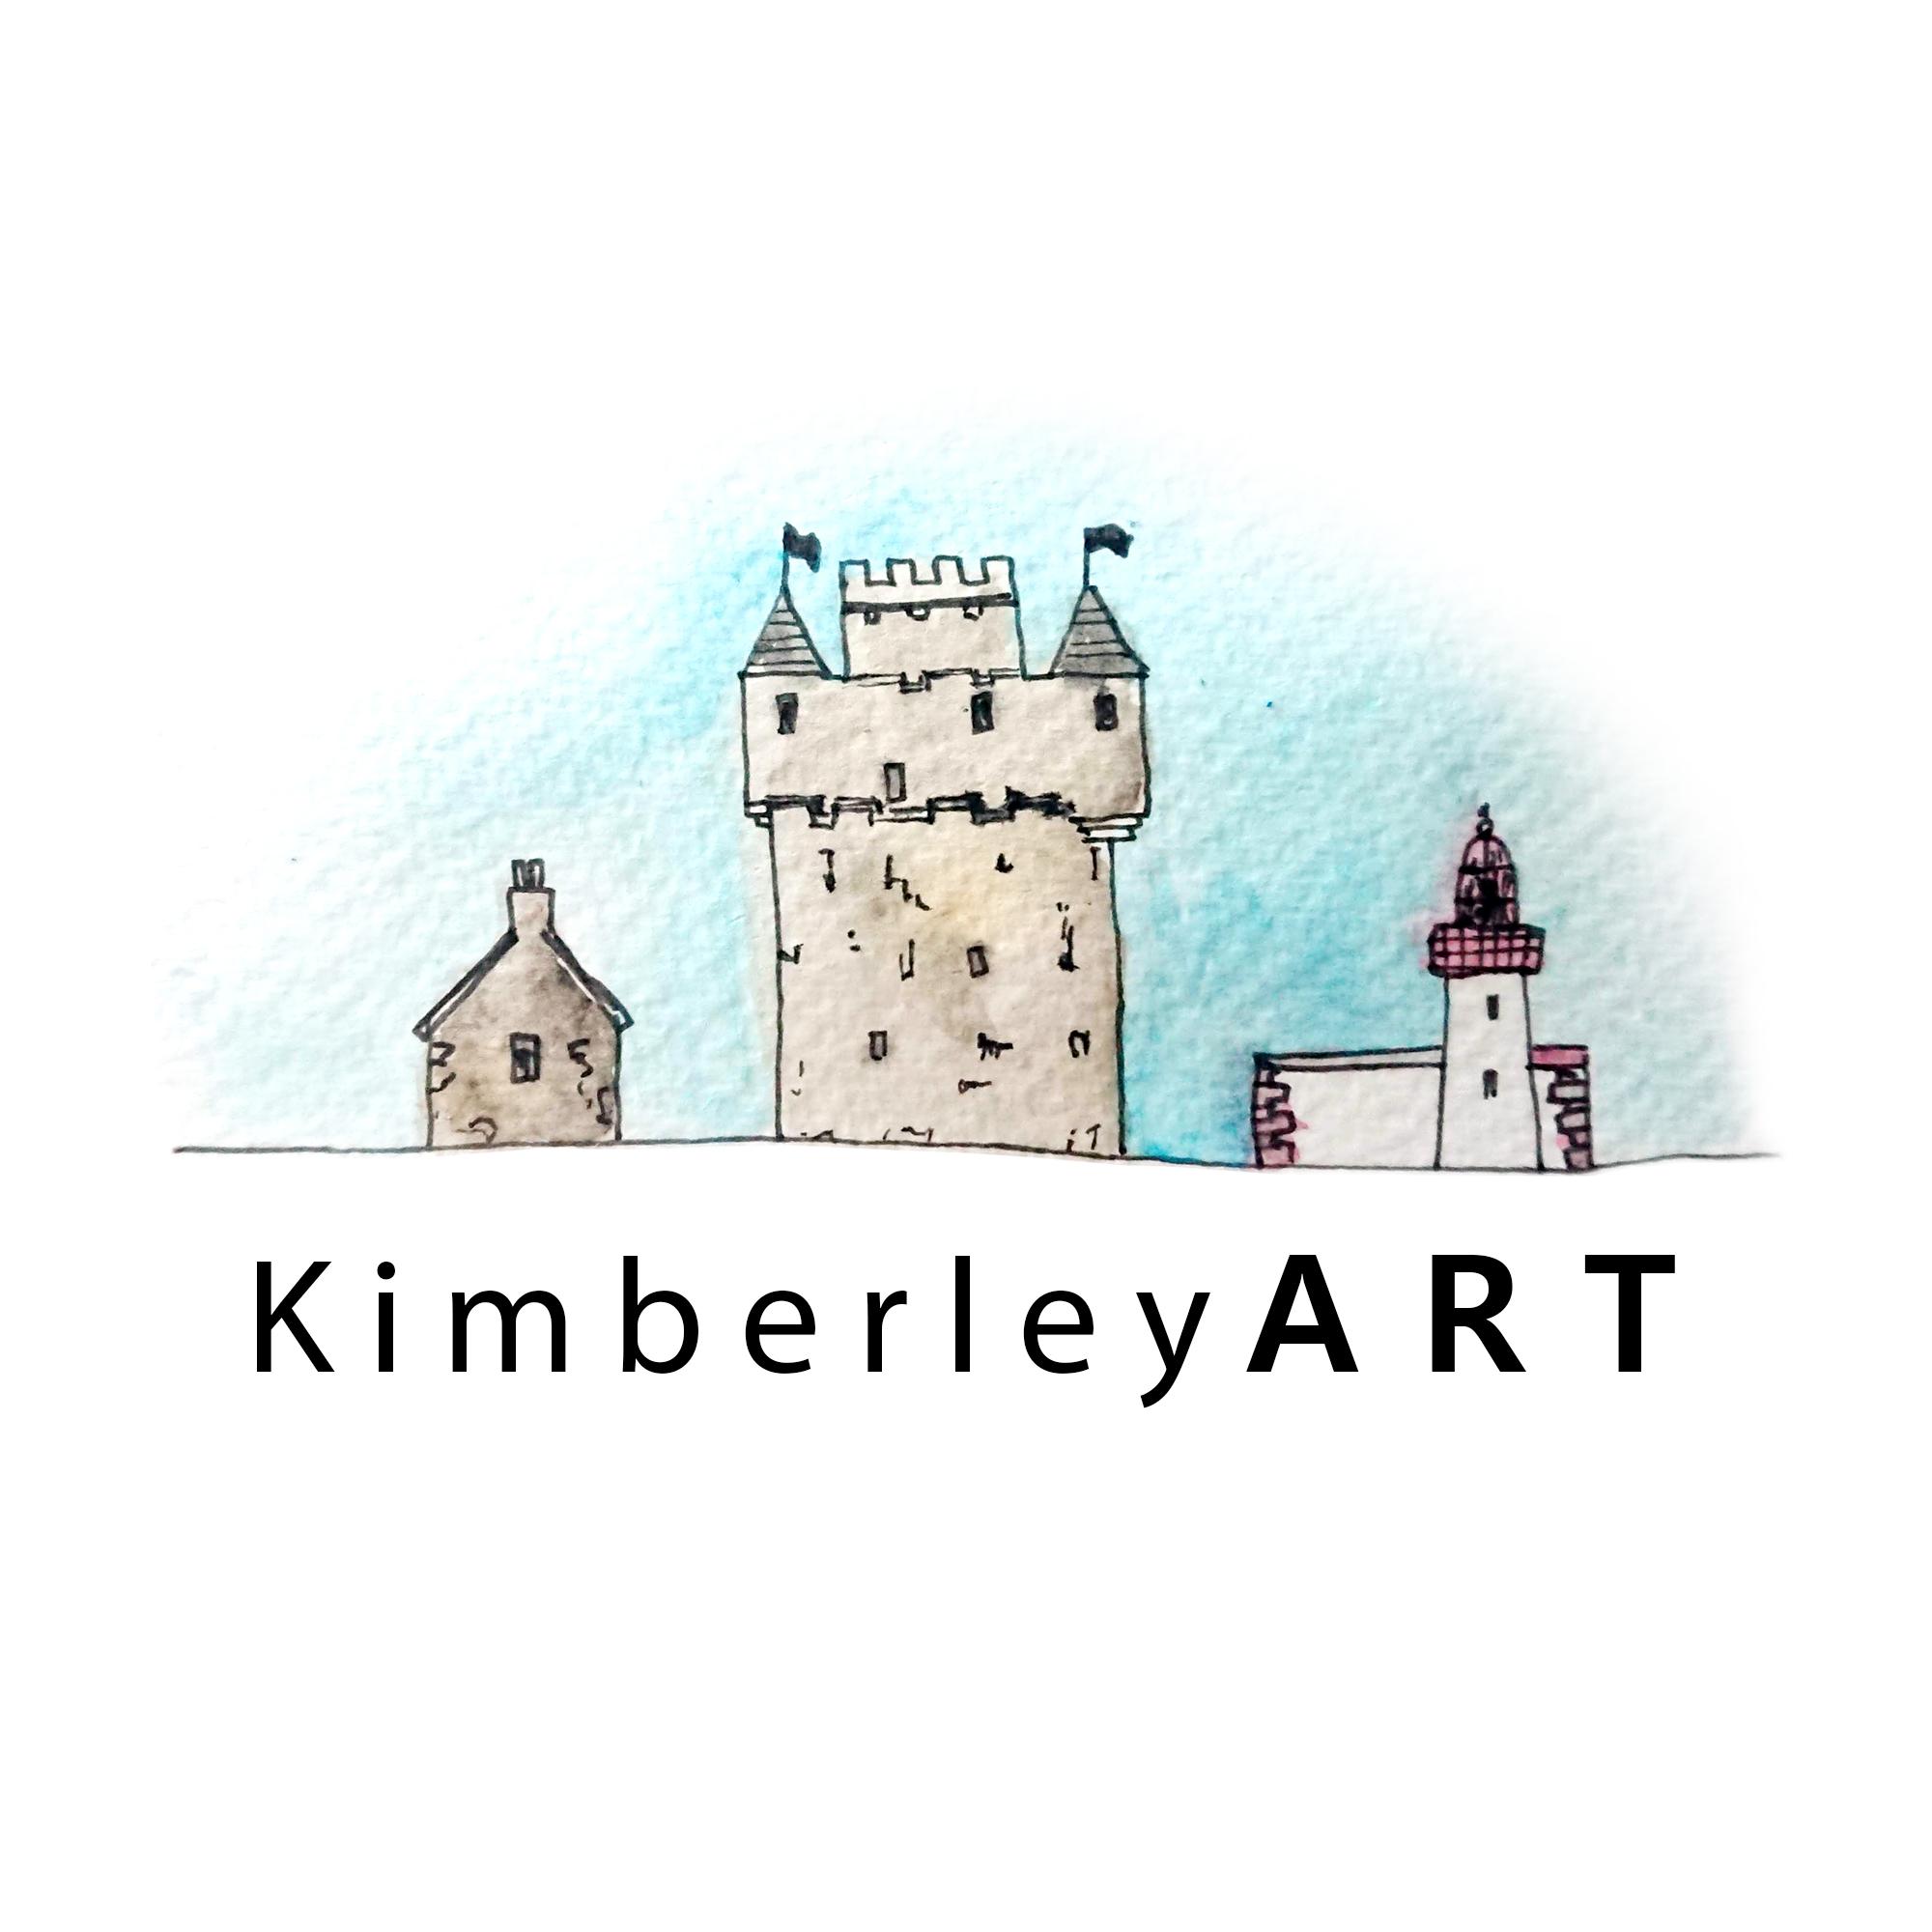 KimberleyART